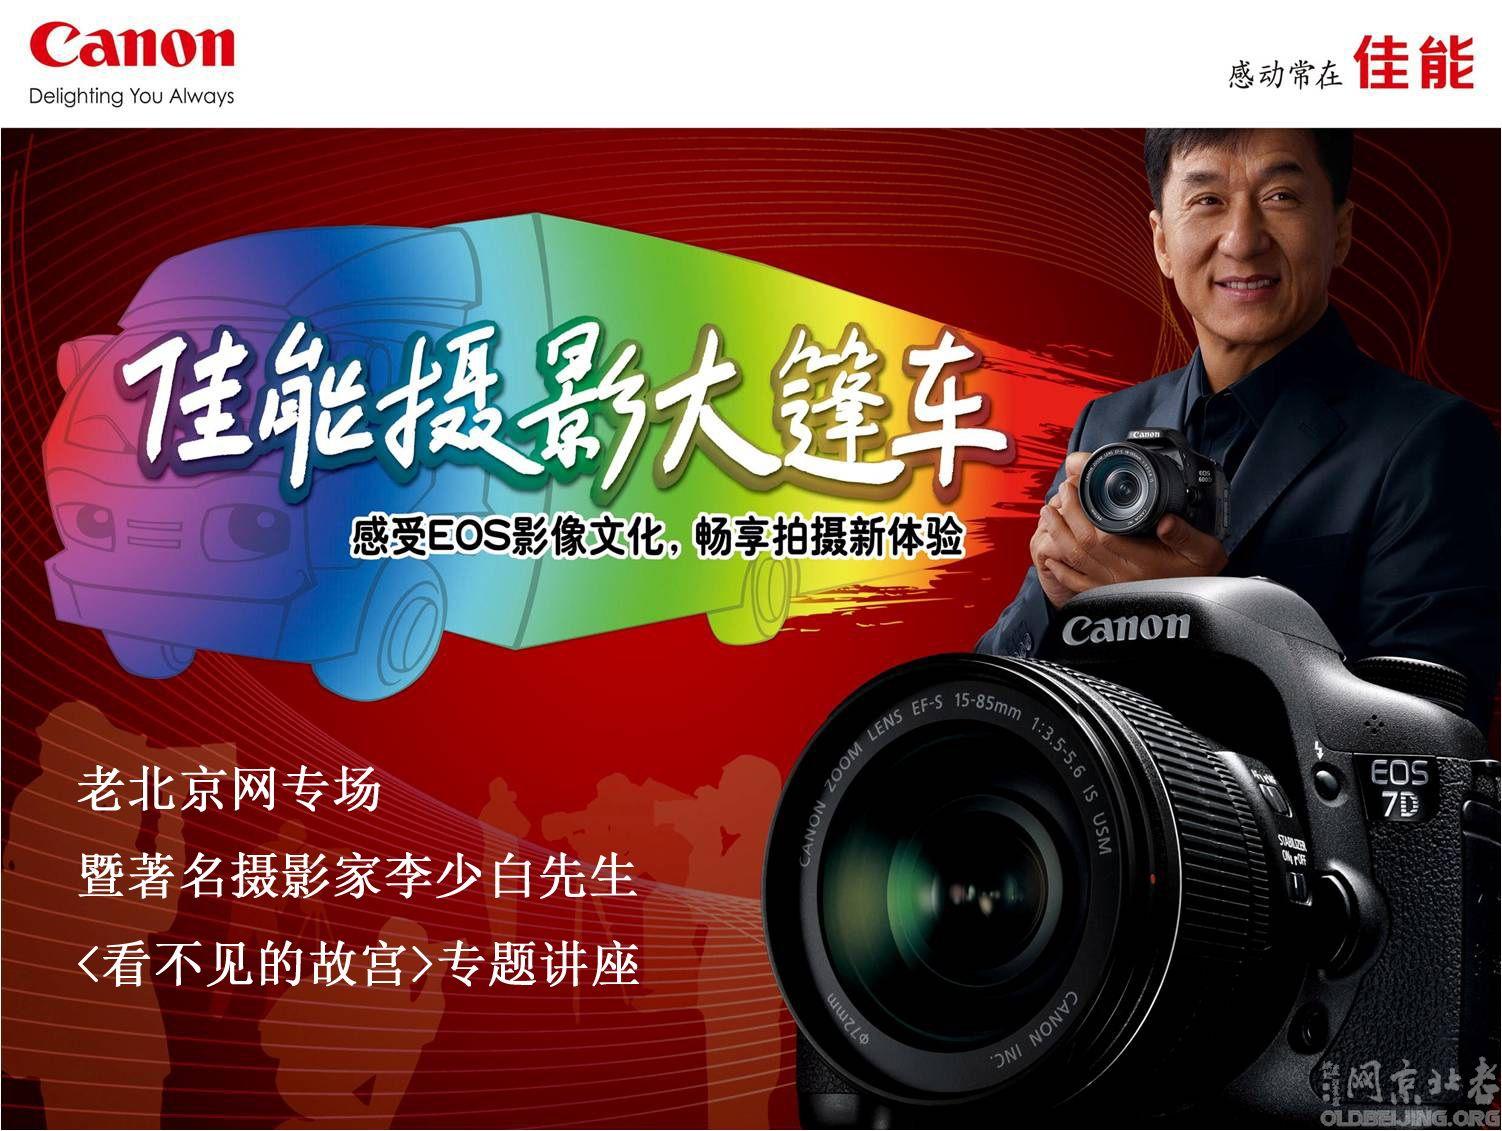 7月31日 拍记公告:佳能摄影大篷车老北京网专场 暨 著名摄影家李少白先生《看不见的故宫》专题讲